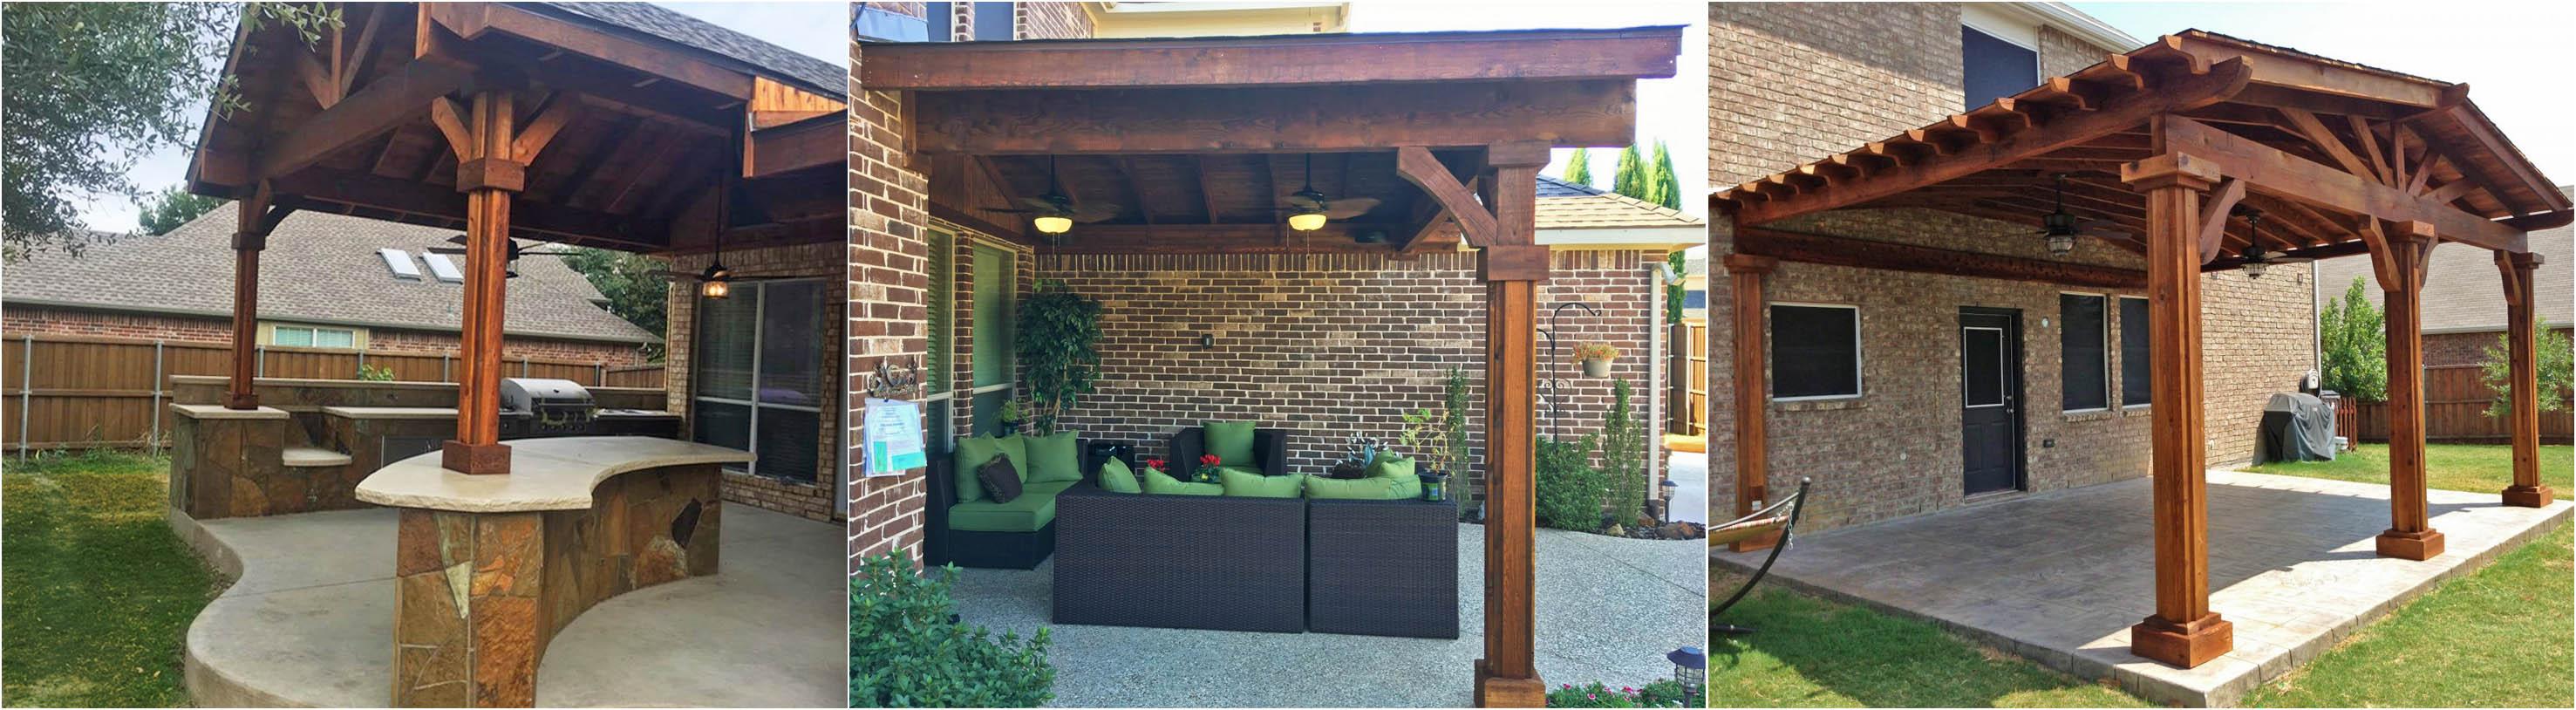 patio covers beautiful backyard living